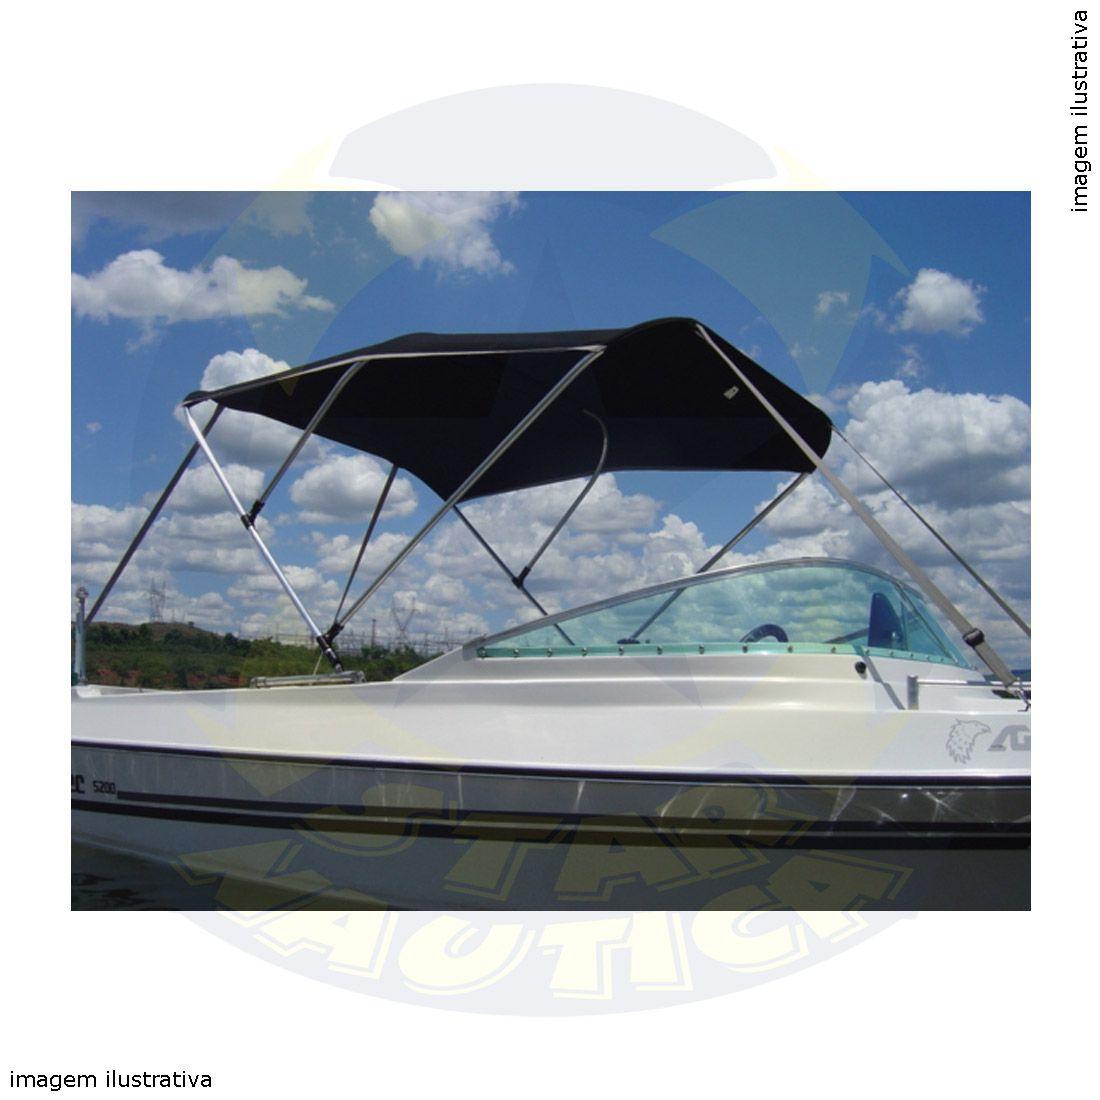 Capota Toldo Lancha Focker 190 Acrílica 3 Arcos Tubo 7/8